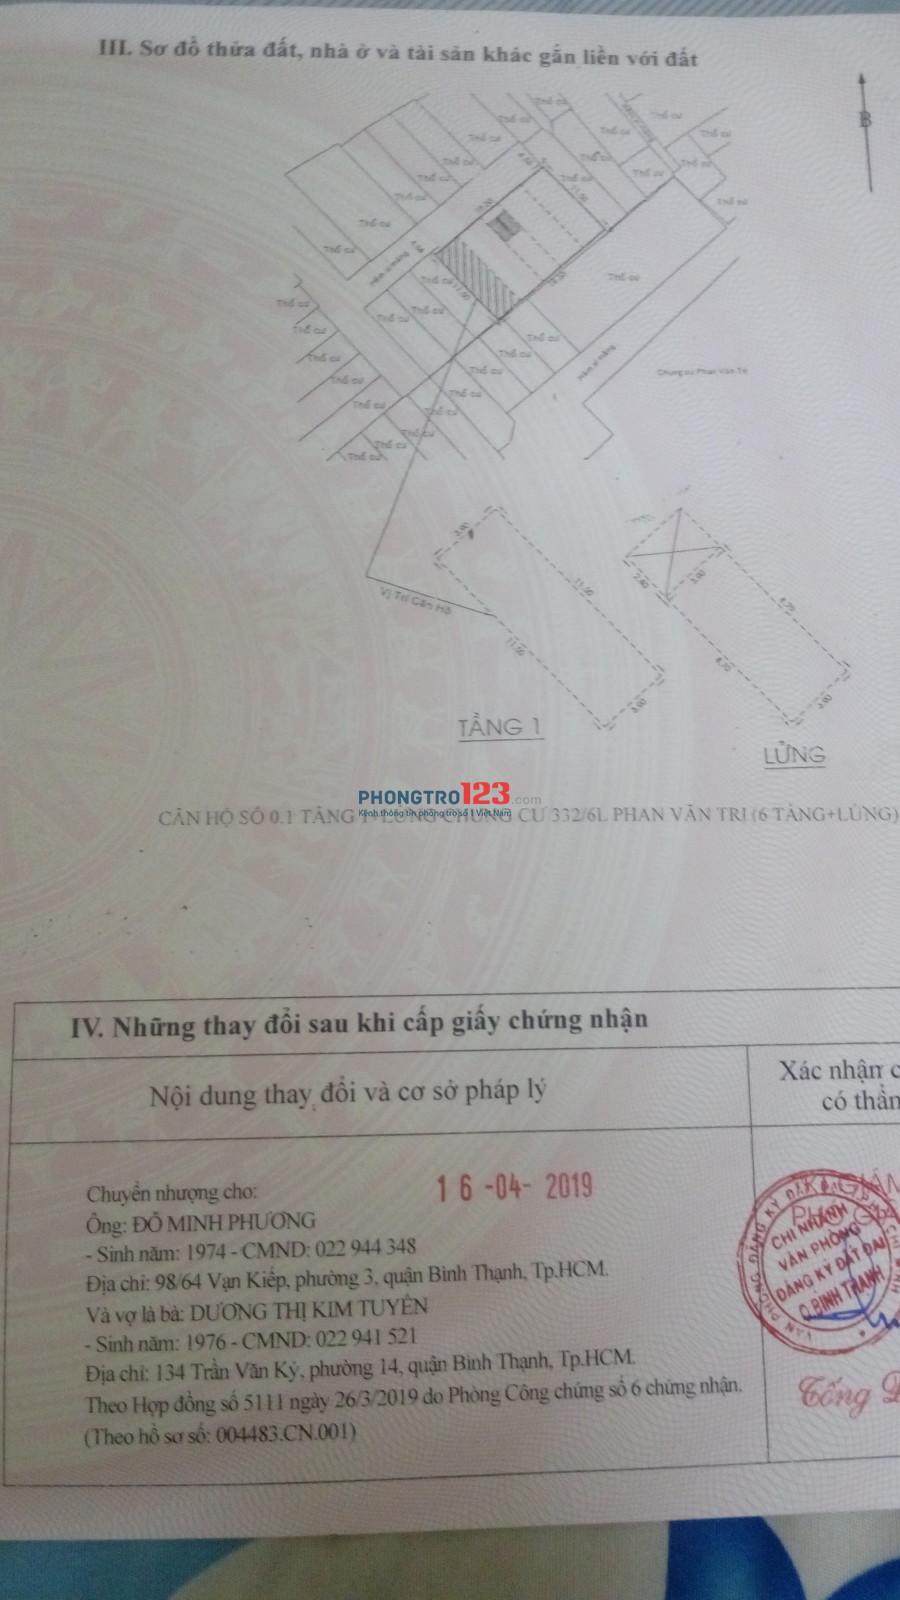 Căn hộ 332/6L cho thuê hoặc bán khu cư xá Phan Văn Trị